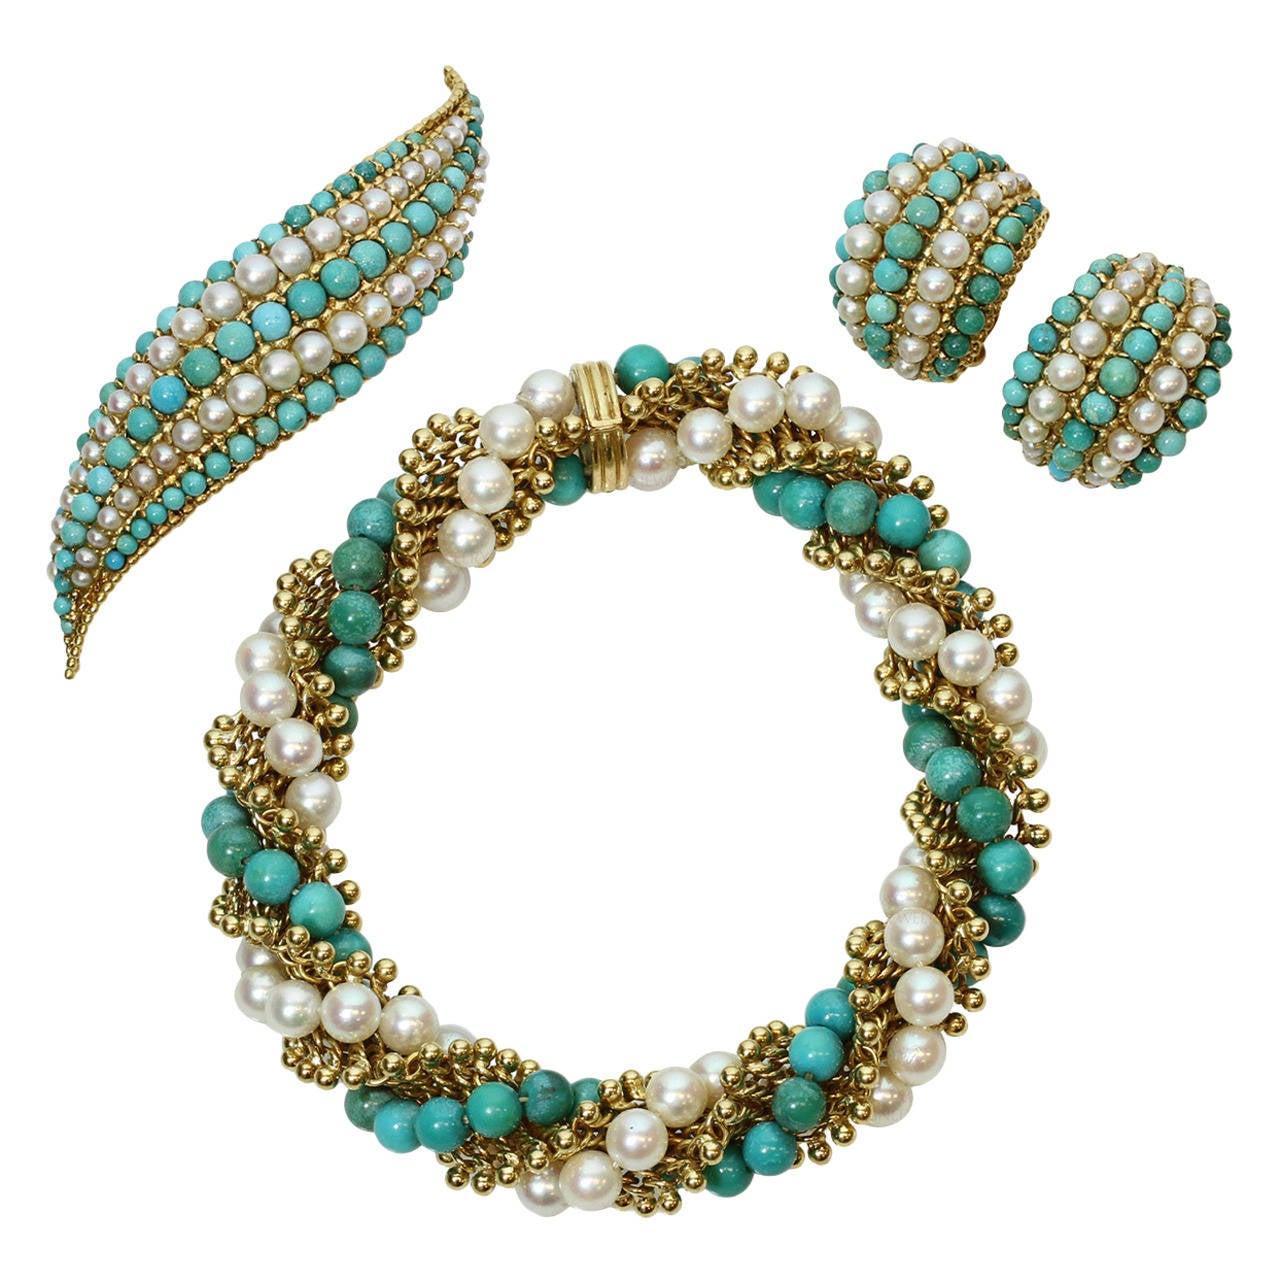 1960s Van Cleef Arpels Twist Turquoise Pearl Bracelet Earrings Brooch Set For